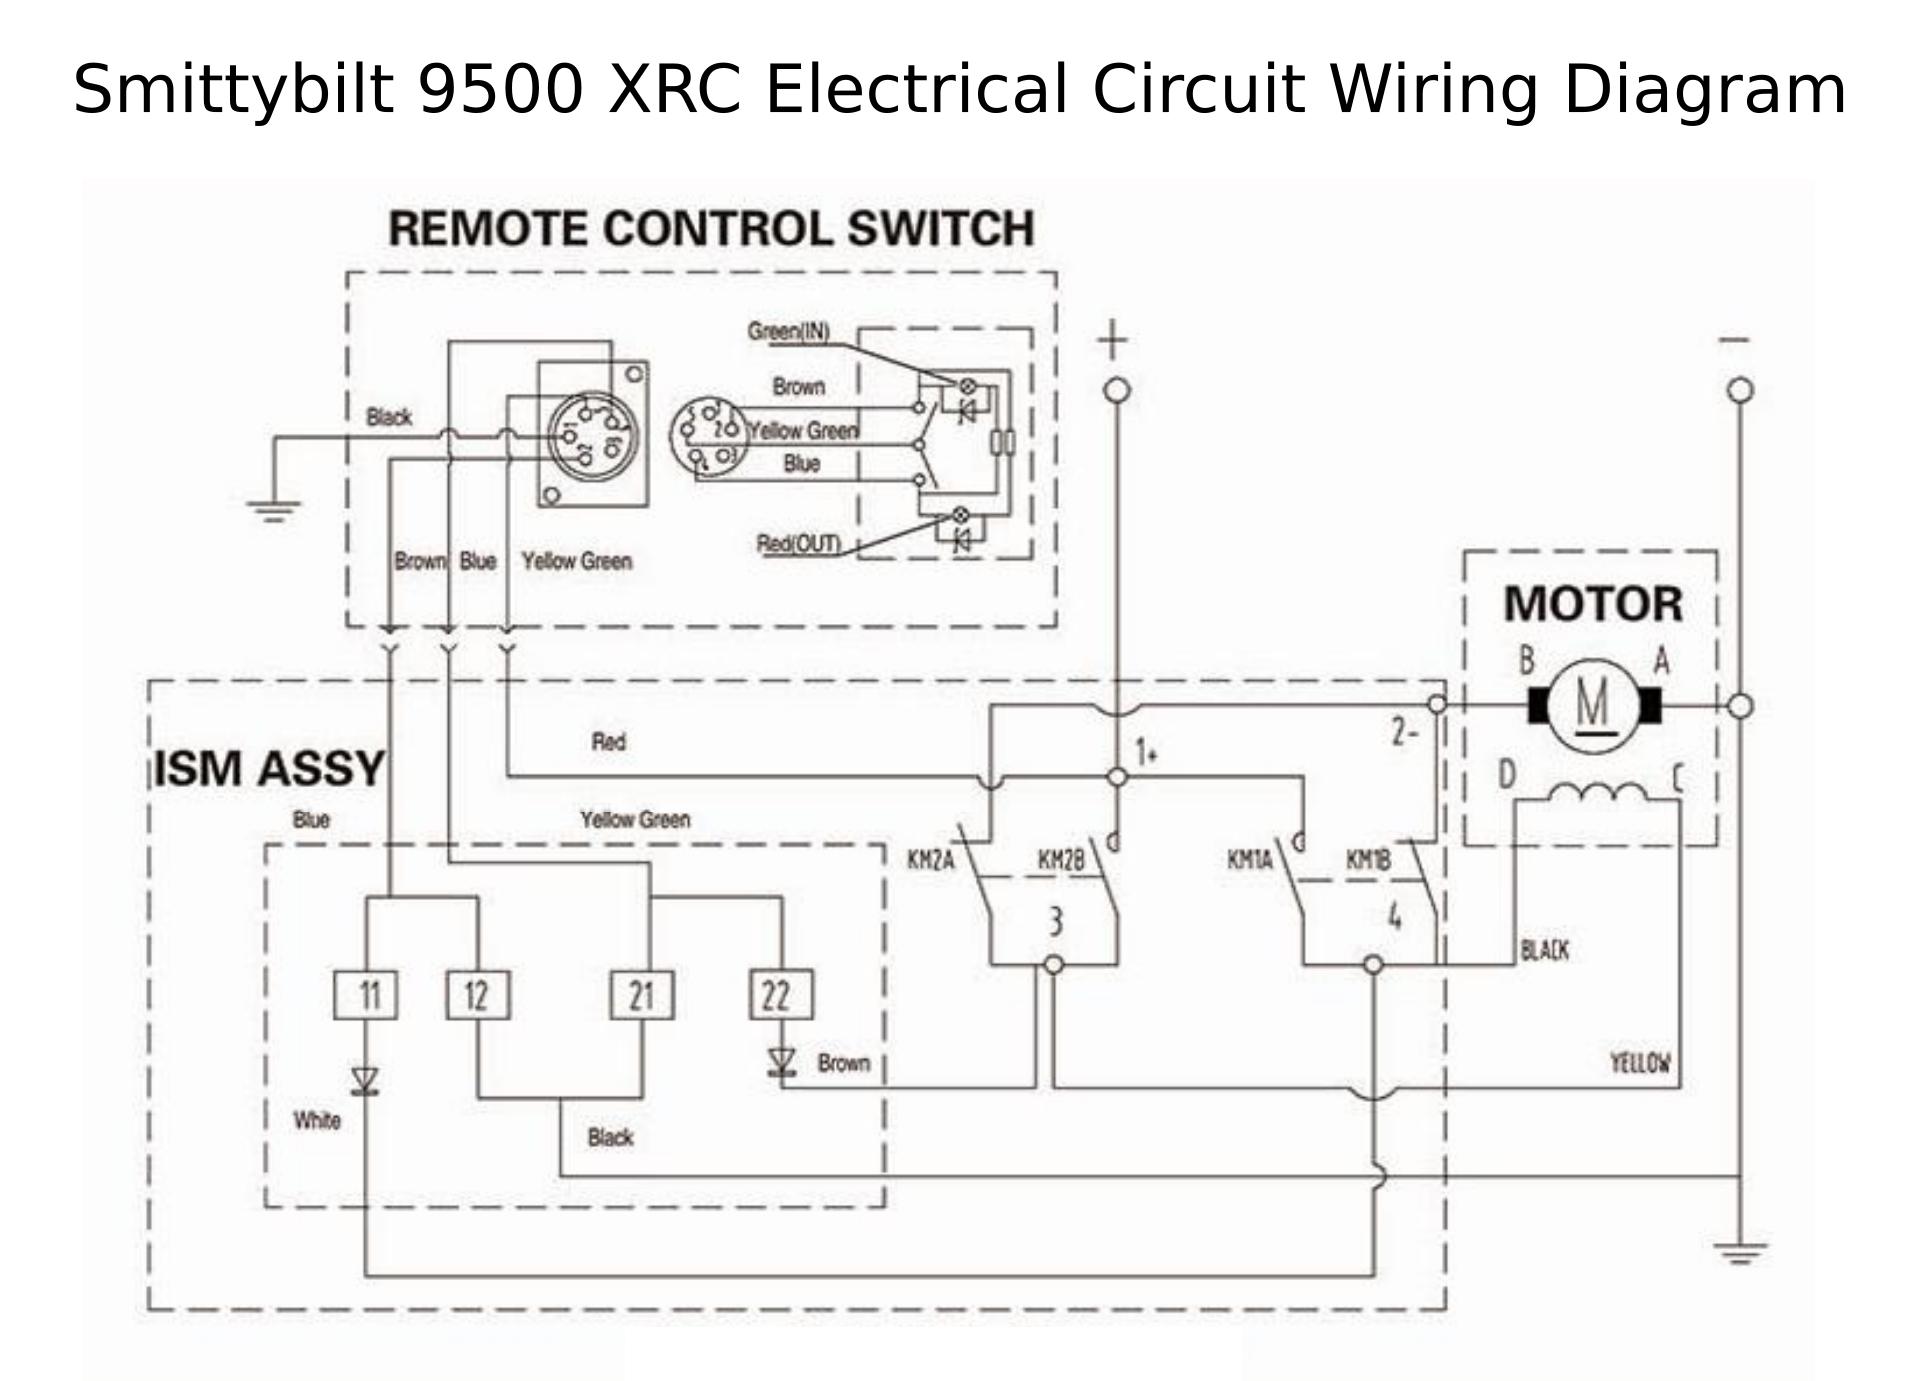 VL_9668] Smittybilt Xrc3 Winch Wiring Diagram Wiring DiagramArivo Bepta Mohammedshrine Librar Wiring 101